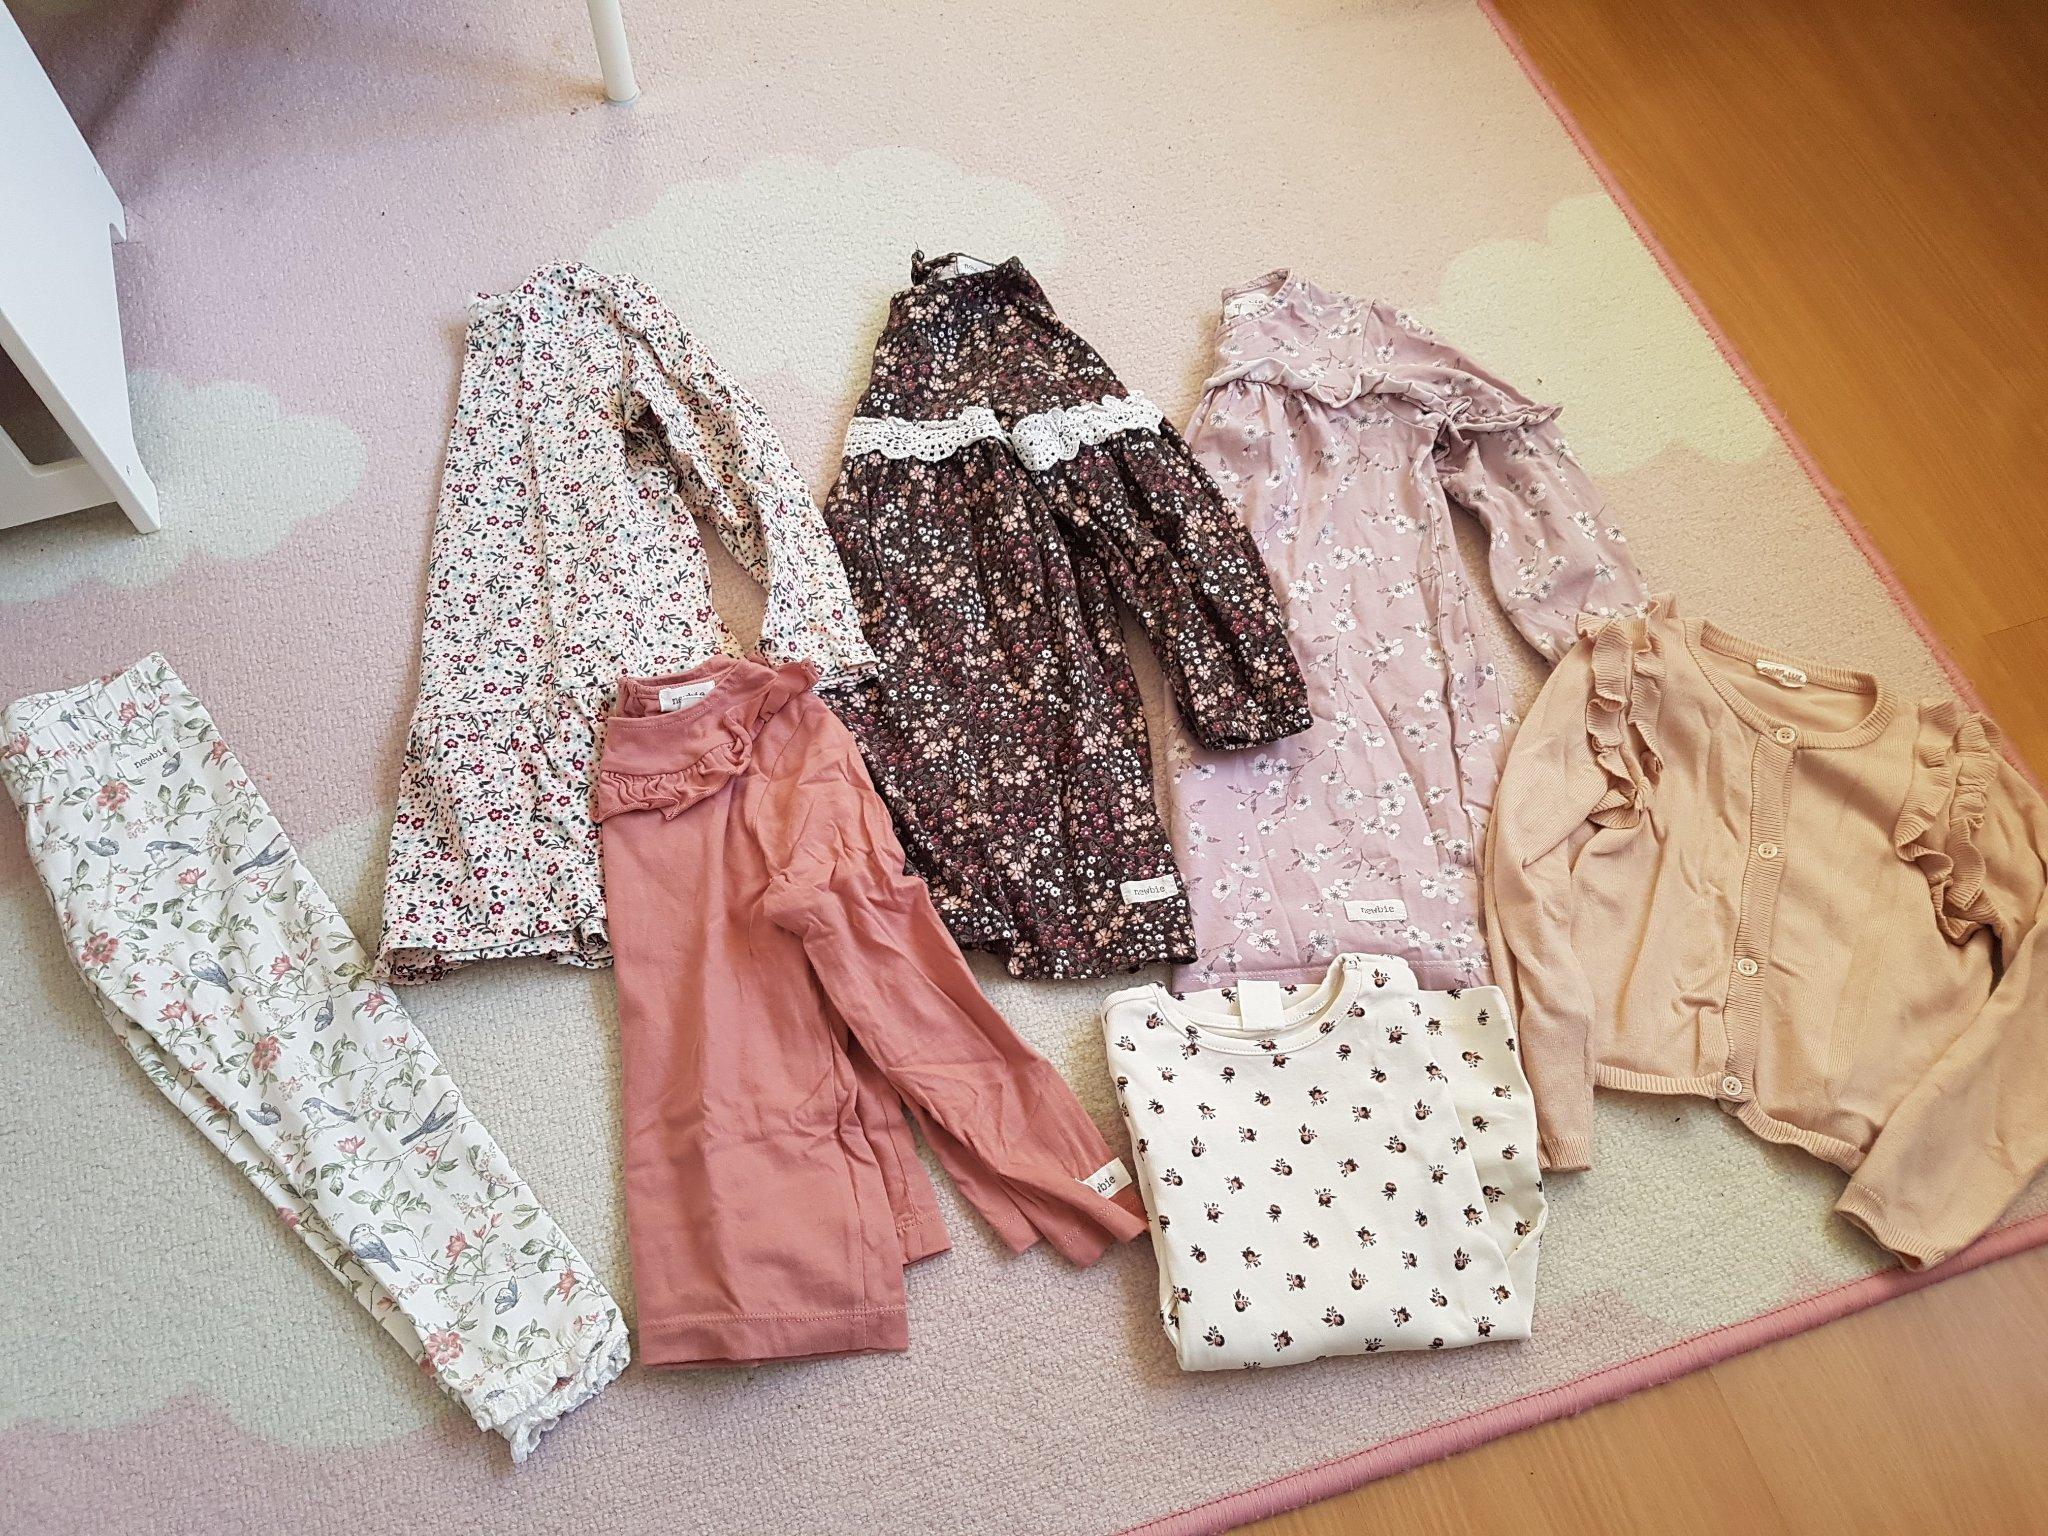 Säljes Klänning med matchande leggings HM storlek 98 104